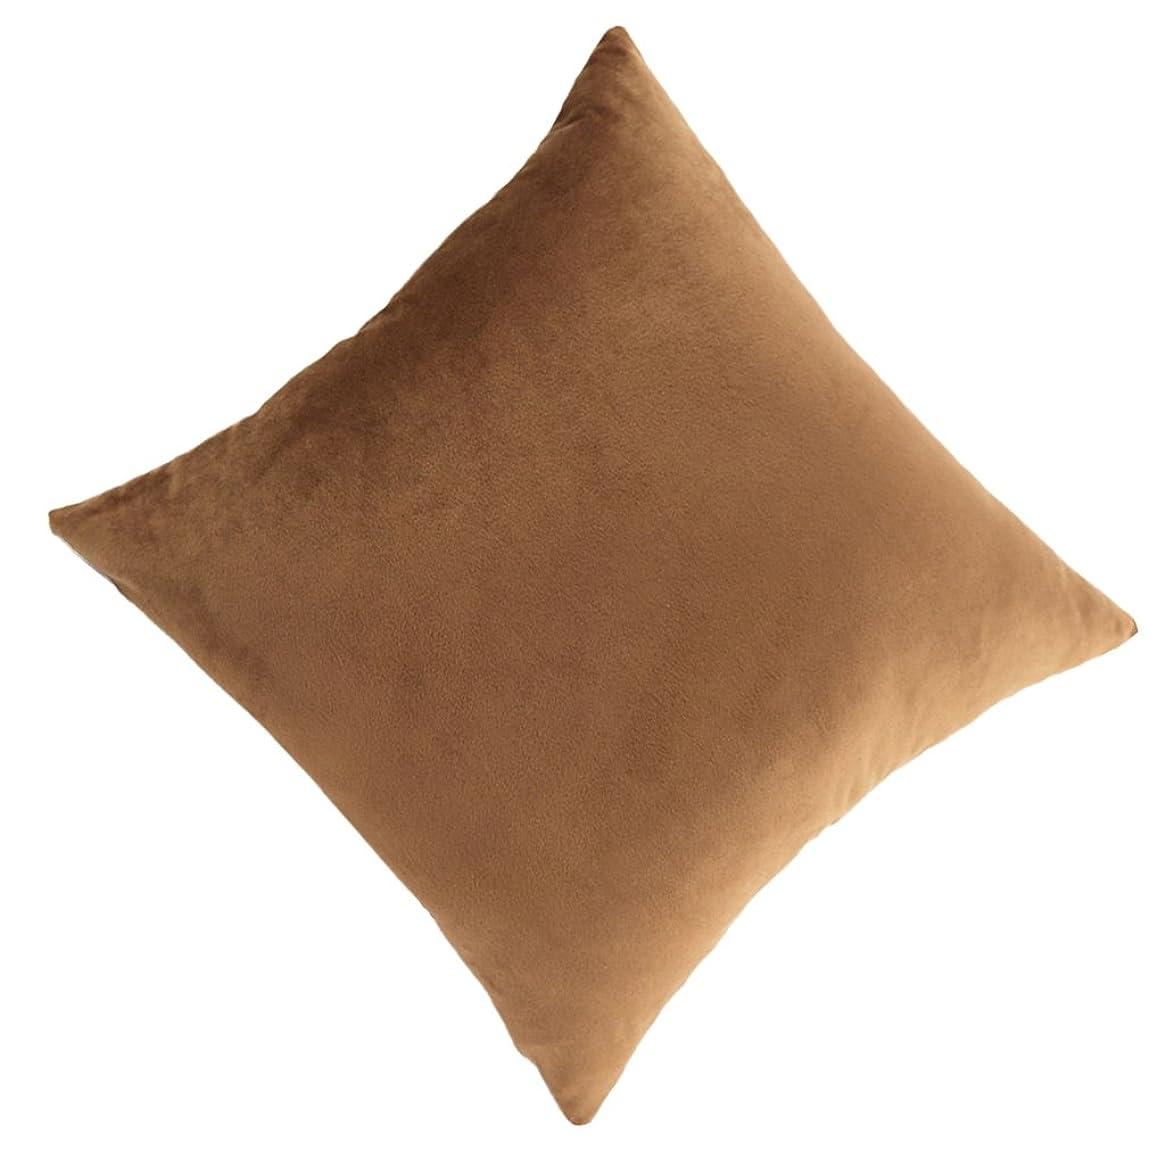 罪誓約六分儀枕カバー クッションケース ソフト 約45x45cm シンプルスタイル 装飾 全11色 - ブラウン